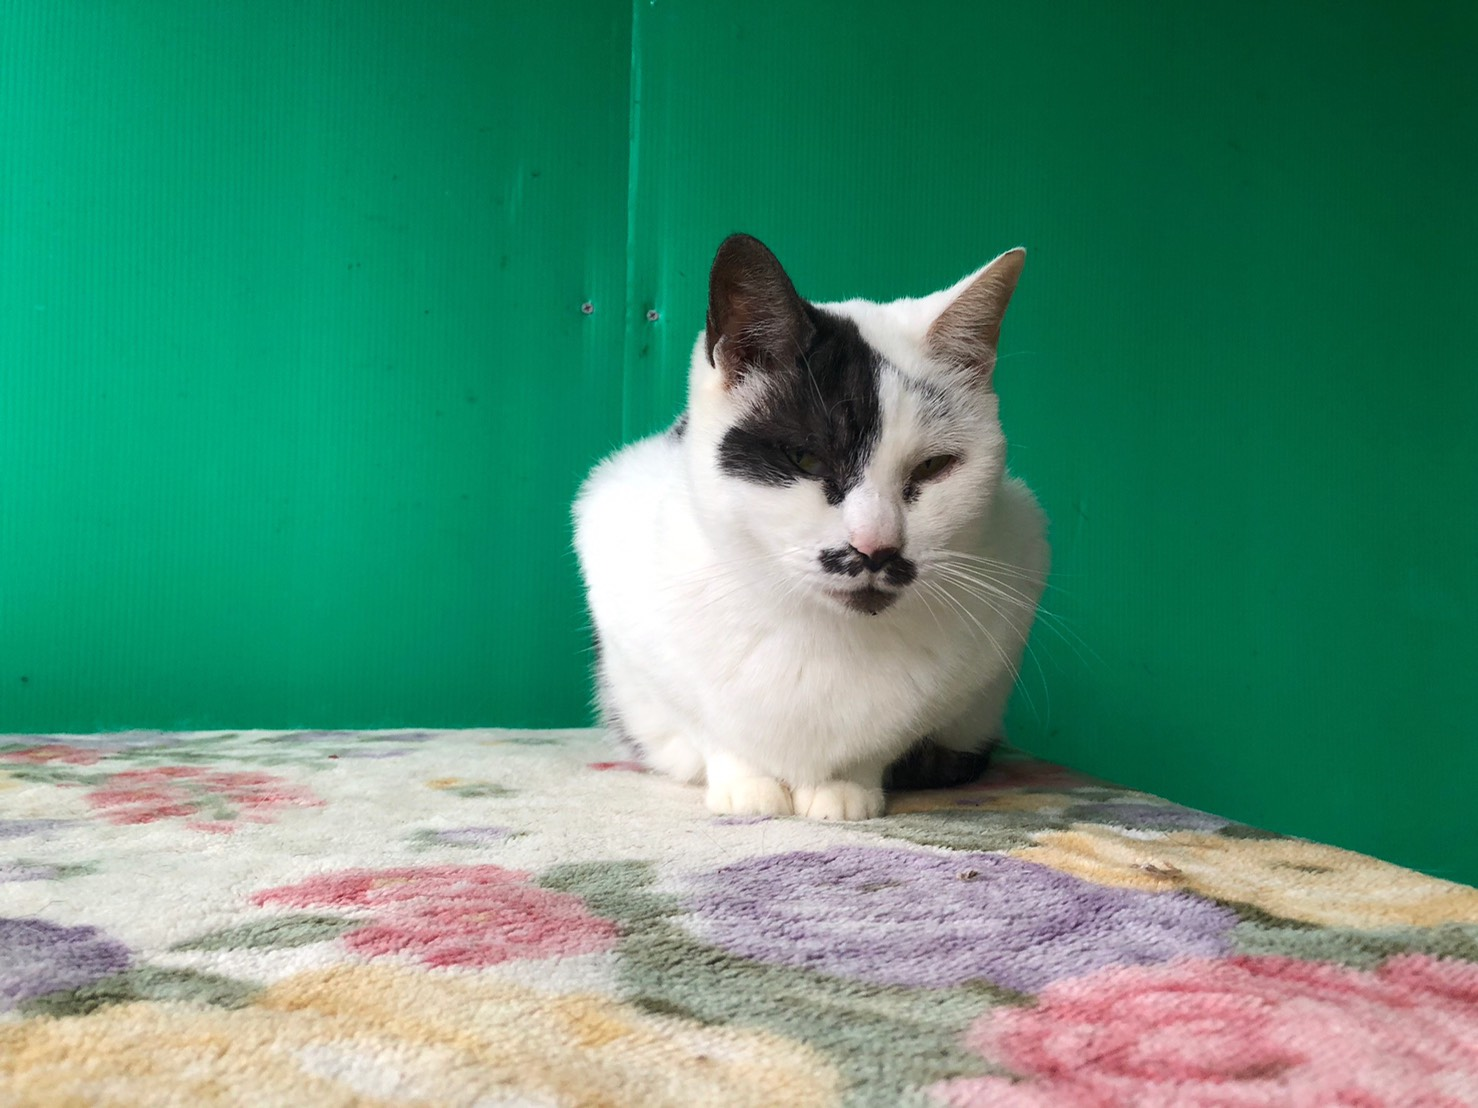 <ul> <li>猫種:日本猫 白黒</li> <li>性別:女の子</li> <li>名前:ひげ子</li> <li>年齢:2015年春頃</li> <li>保護経緯:飼い主様の諸事情のため飼育困難になり引き取りました</li> </ul>